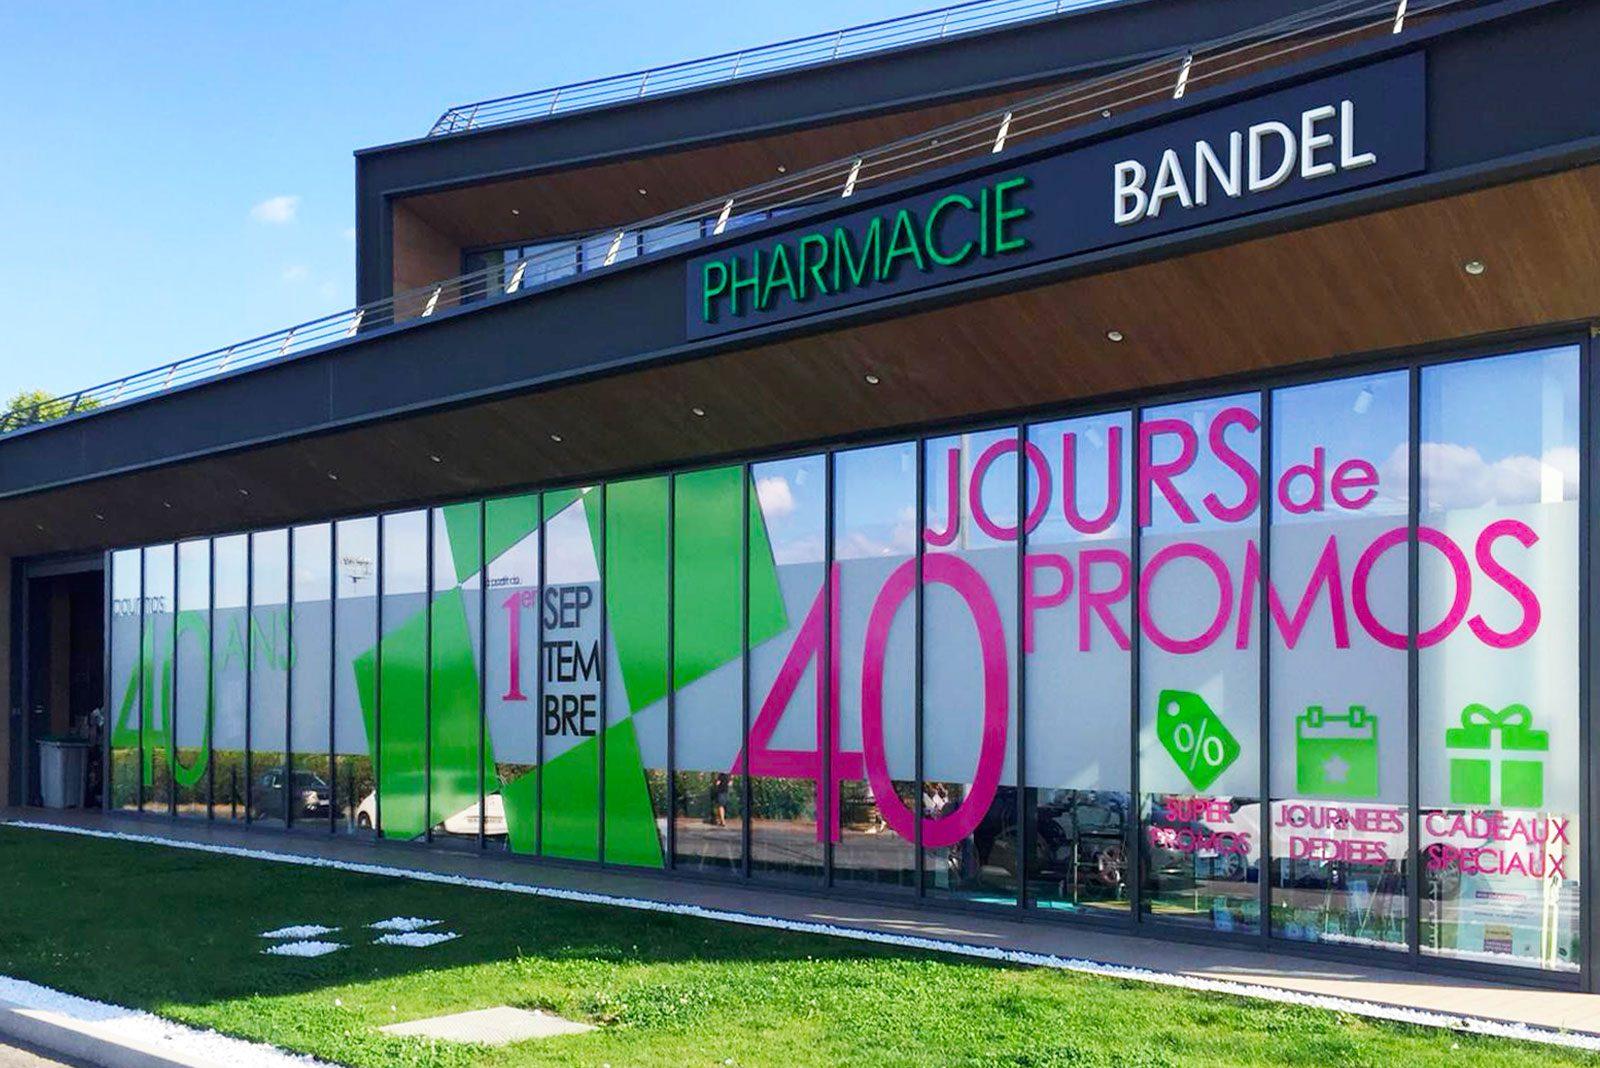 La Pharmacie Bandel fête son 40ème anniversaire !